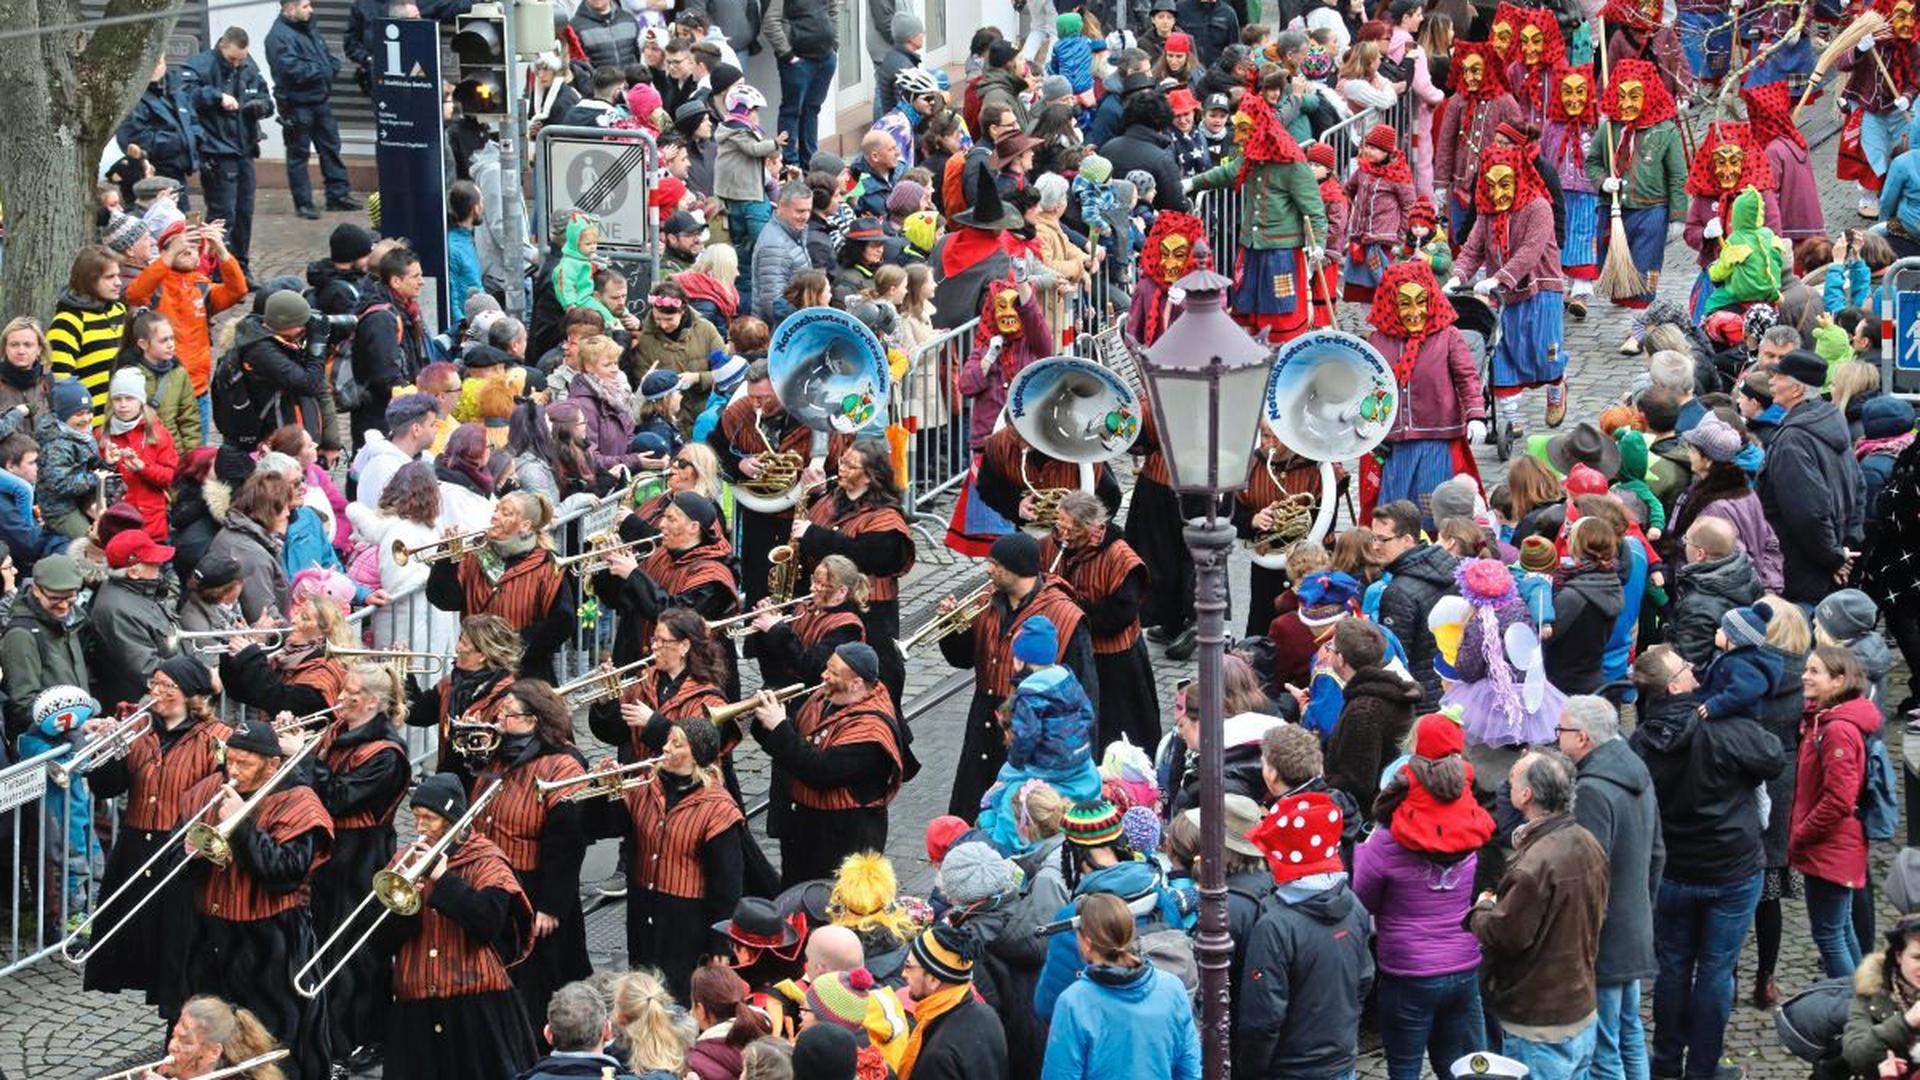 Umzug Fastnacht Durlach 23. Februar 2020: Bunt und fröhlich haben die Narren in der Durlacher Altstadt gefeiert. Der Umzug mit mehr als 50 Zugnummern bot besonders viel Guggenmusik. Die Grötzinger Noten-Chaoten machten den Anfang.